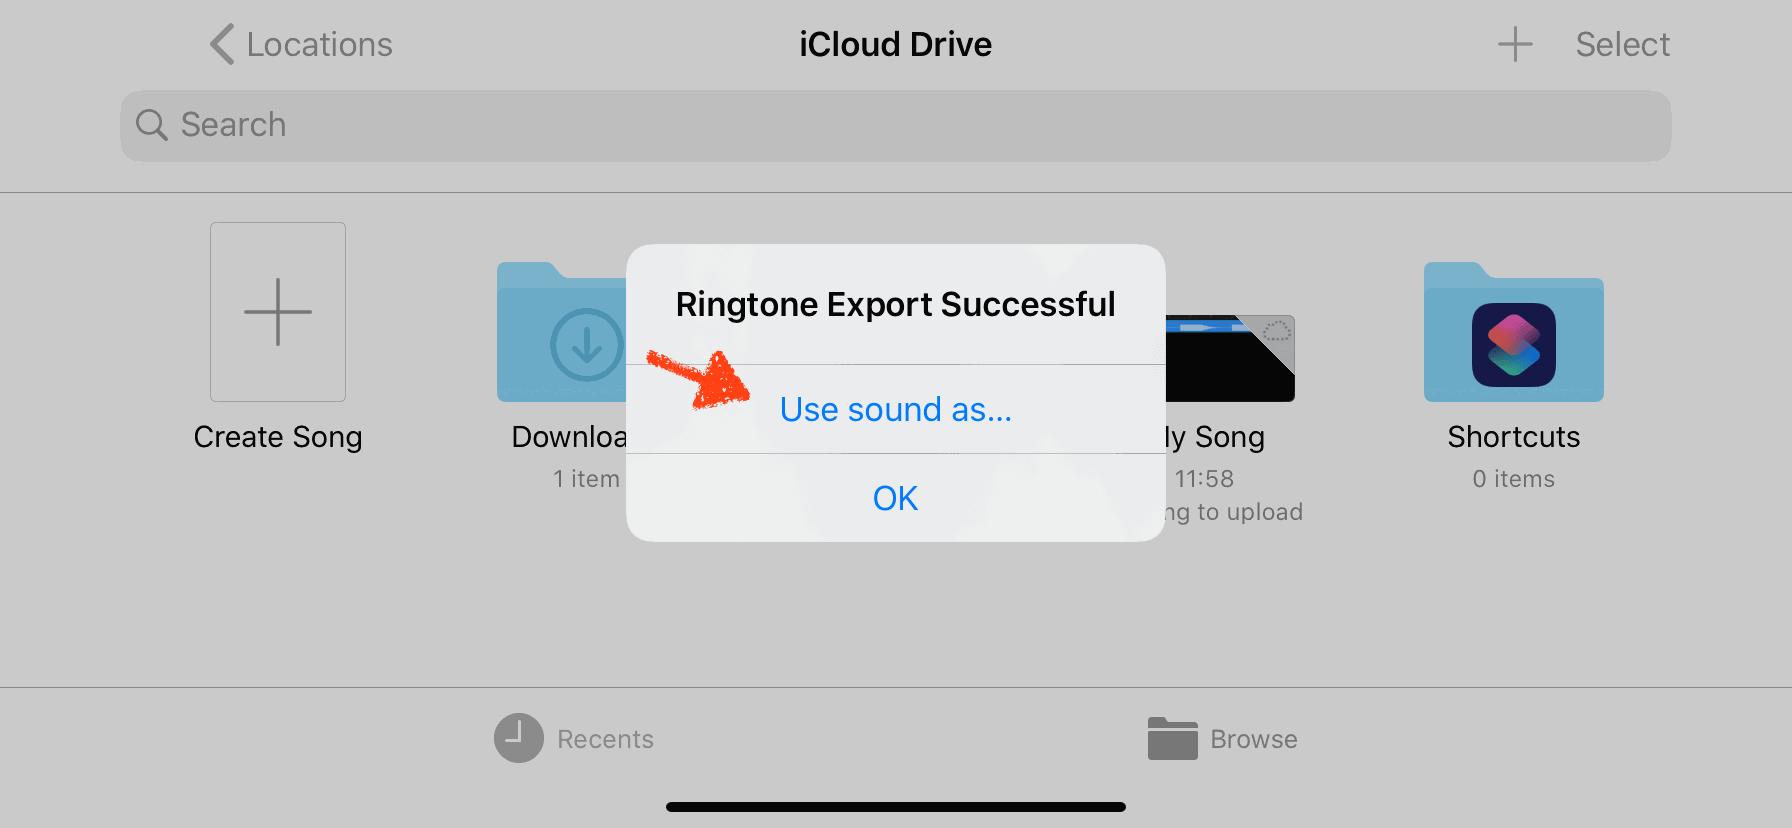 21) โปรแกรมจะแจ้งว่านำออกสำเร็จ ให้กดที่ Use sound as..